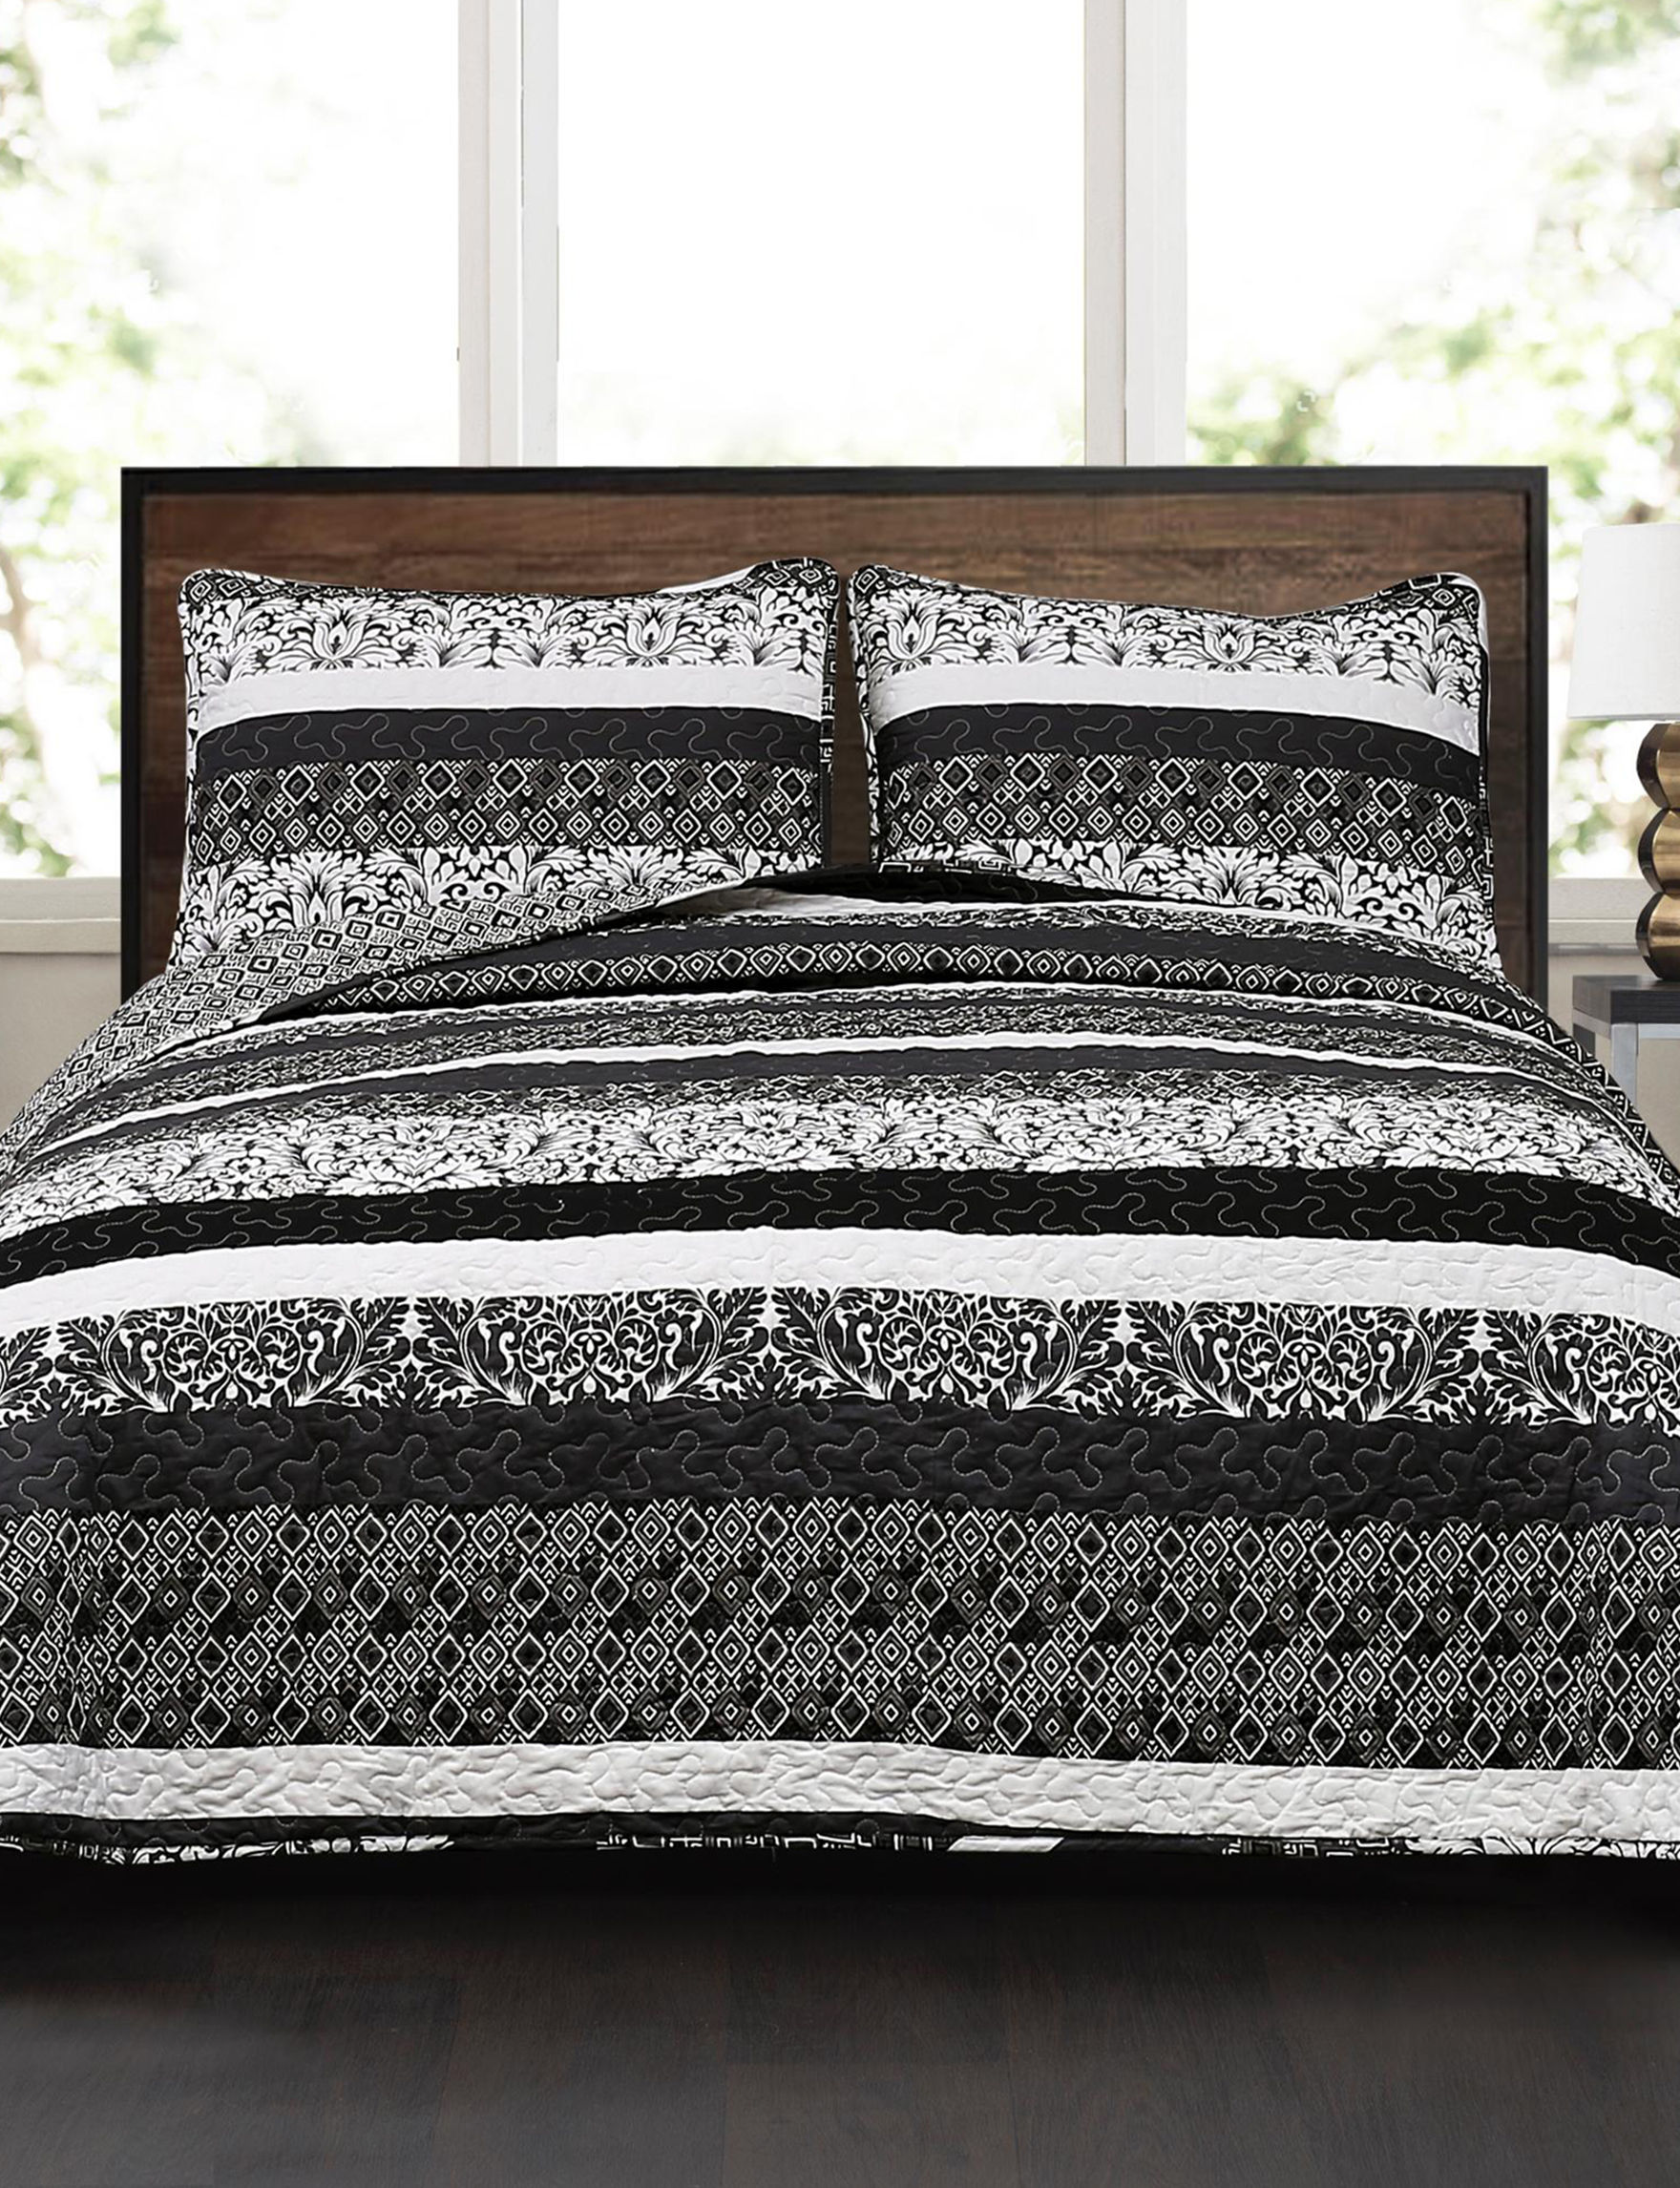 Lush Decor Black / White Quilts & Quilt Sets